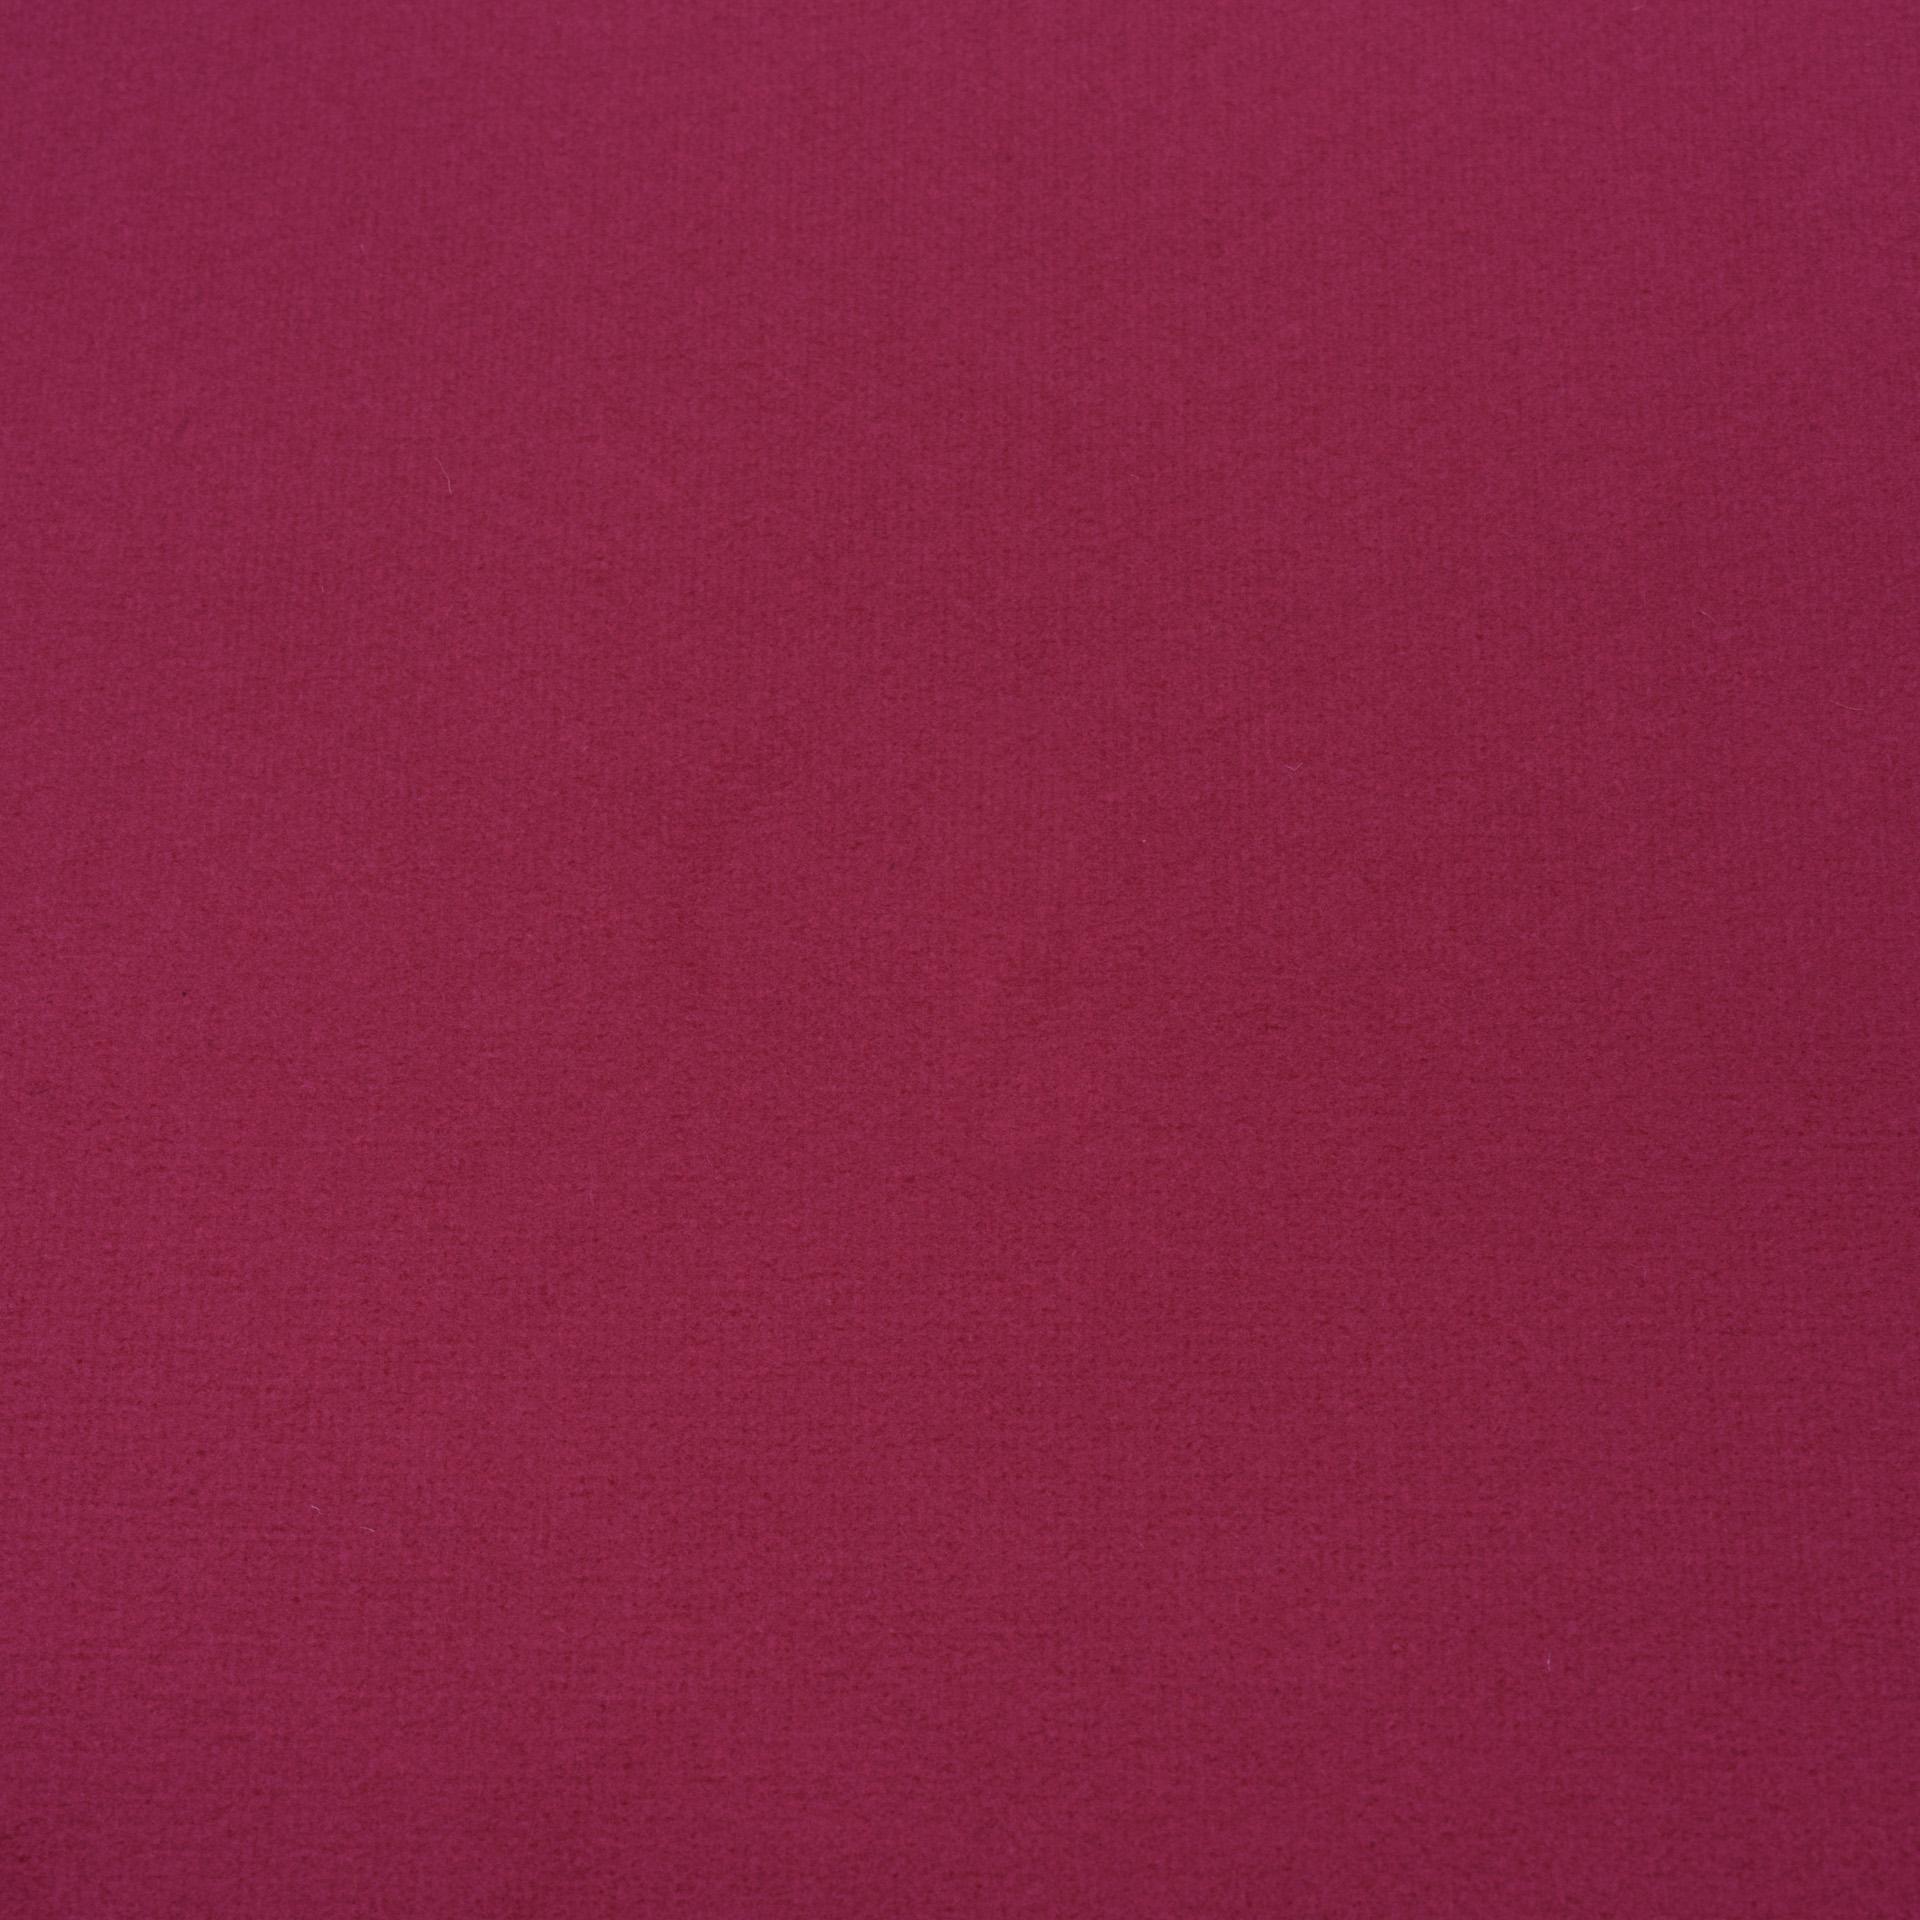 Коллекция ткани Багира 22 RASPBERRY RED,  купить ткань Велюр для мебели Украина